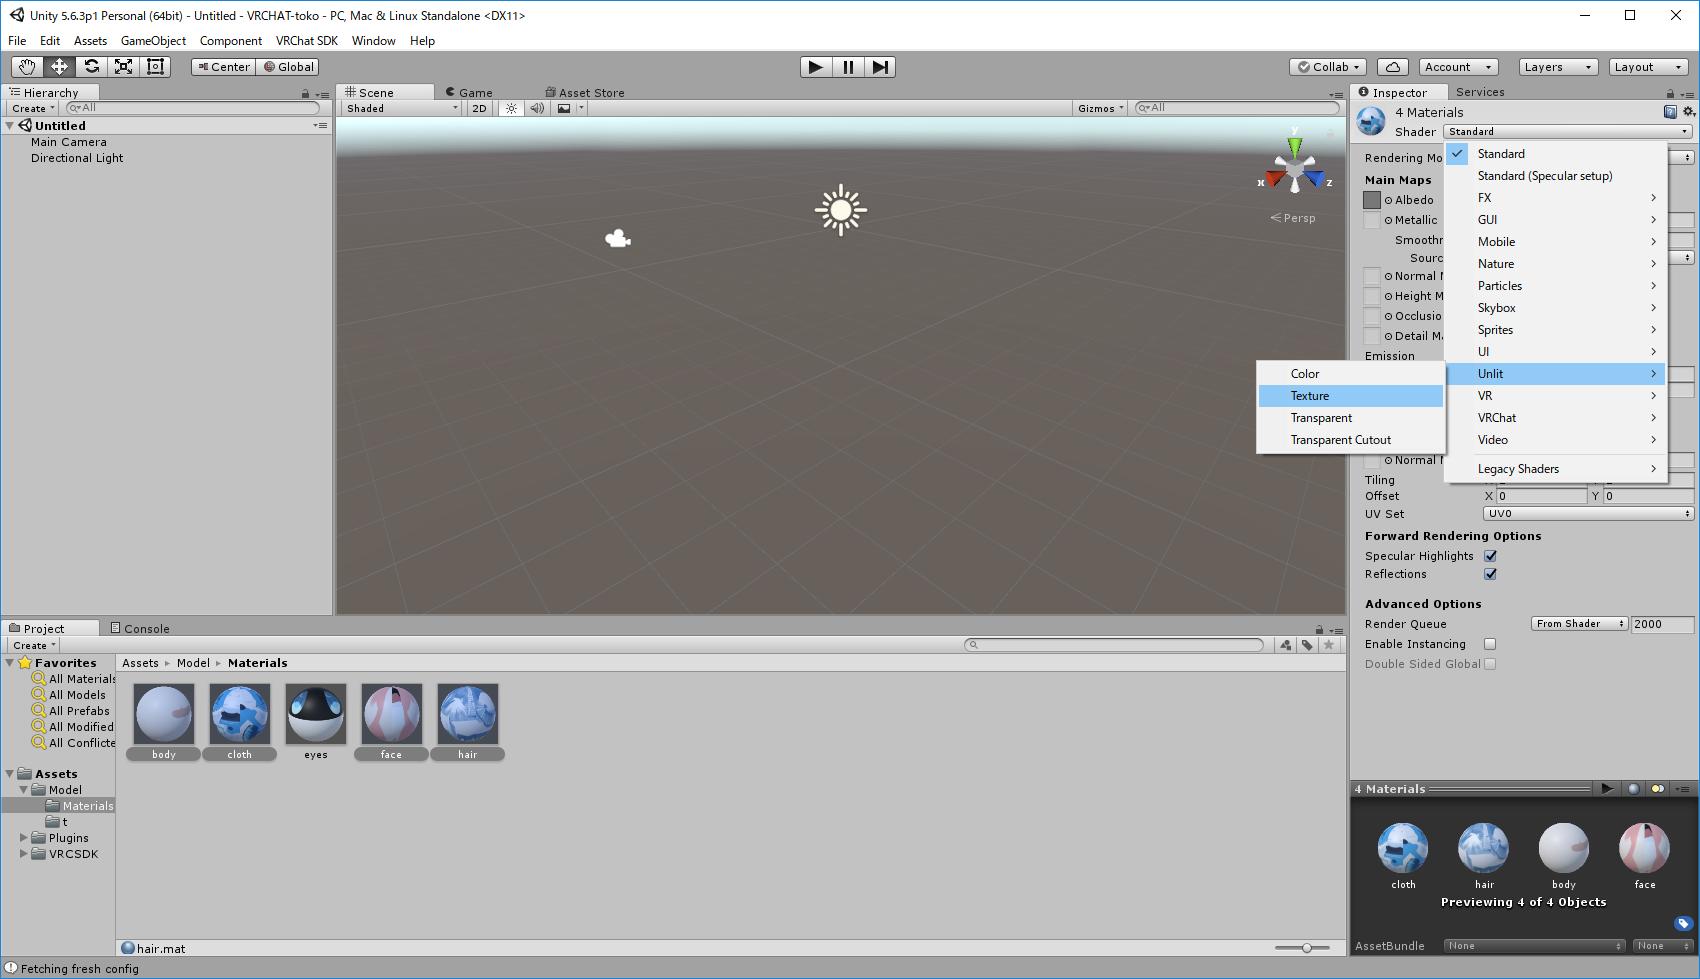 Materials内のファイルのうち「eyes」以外のファイルに対して、InspectorのShaderを「Unlit」→「Texture」に設定する。